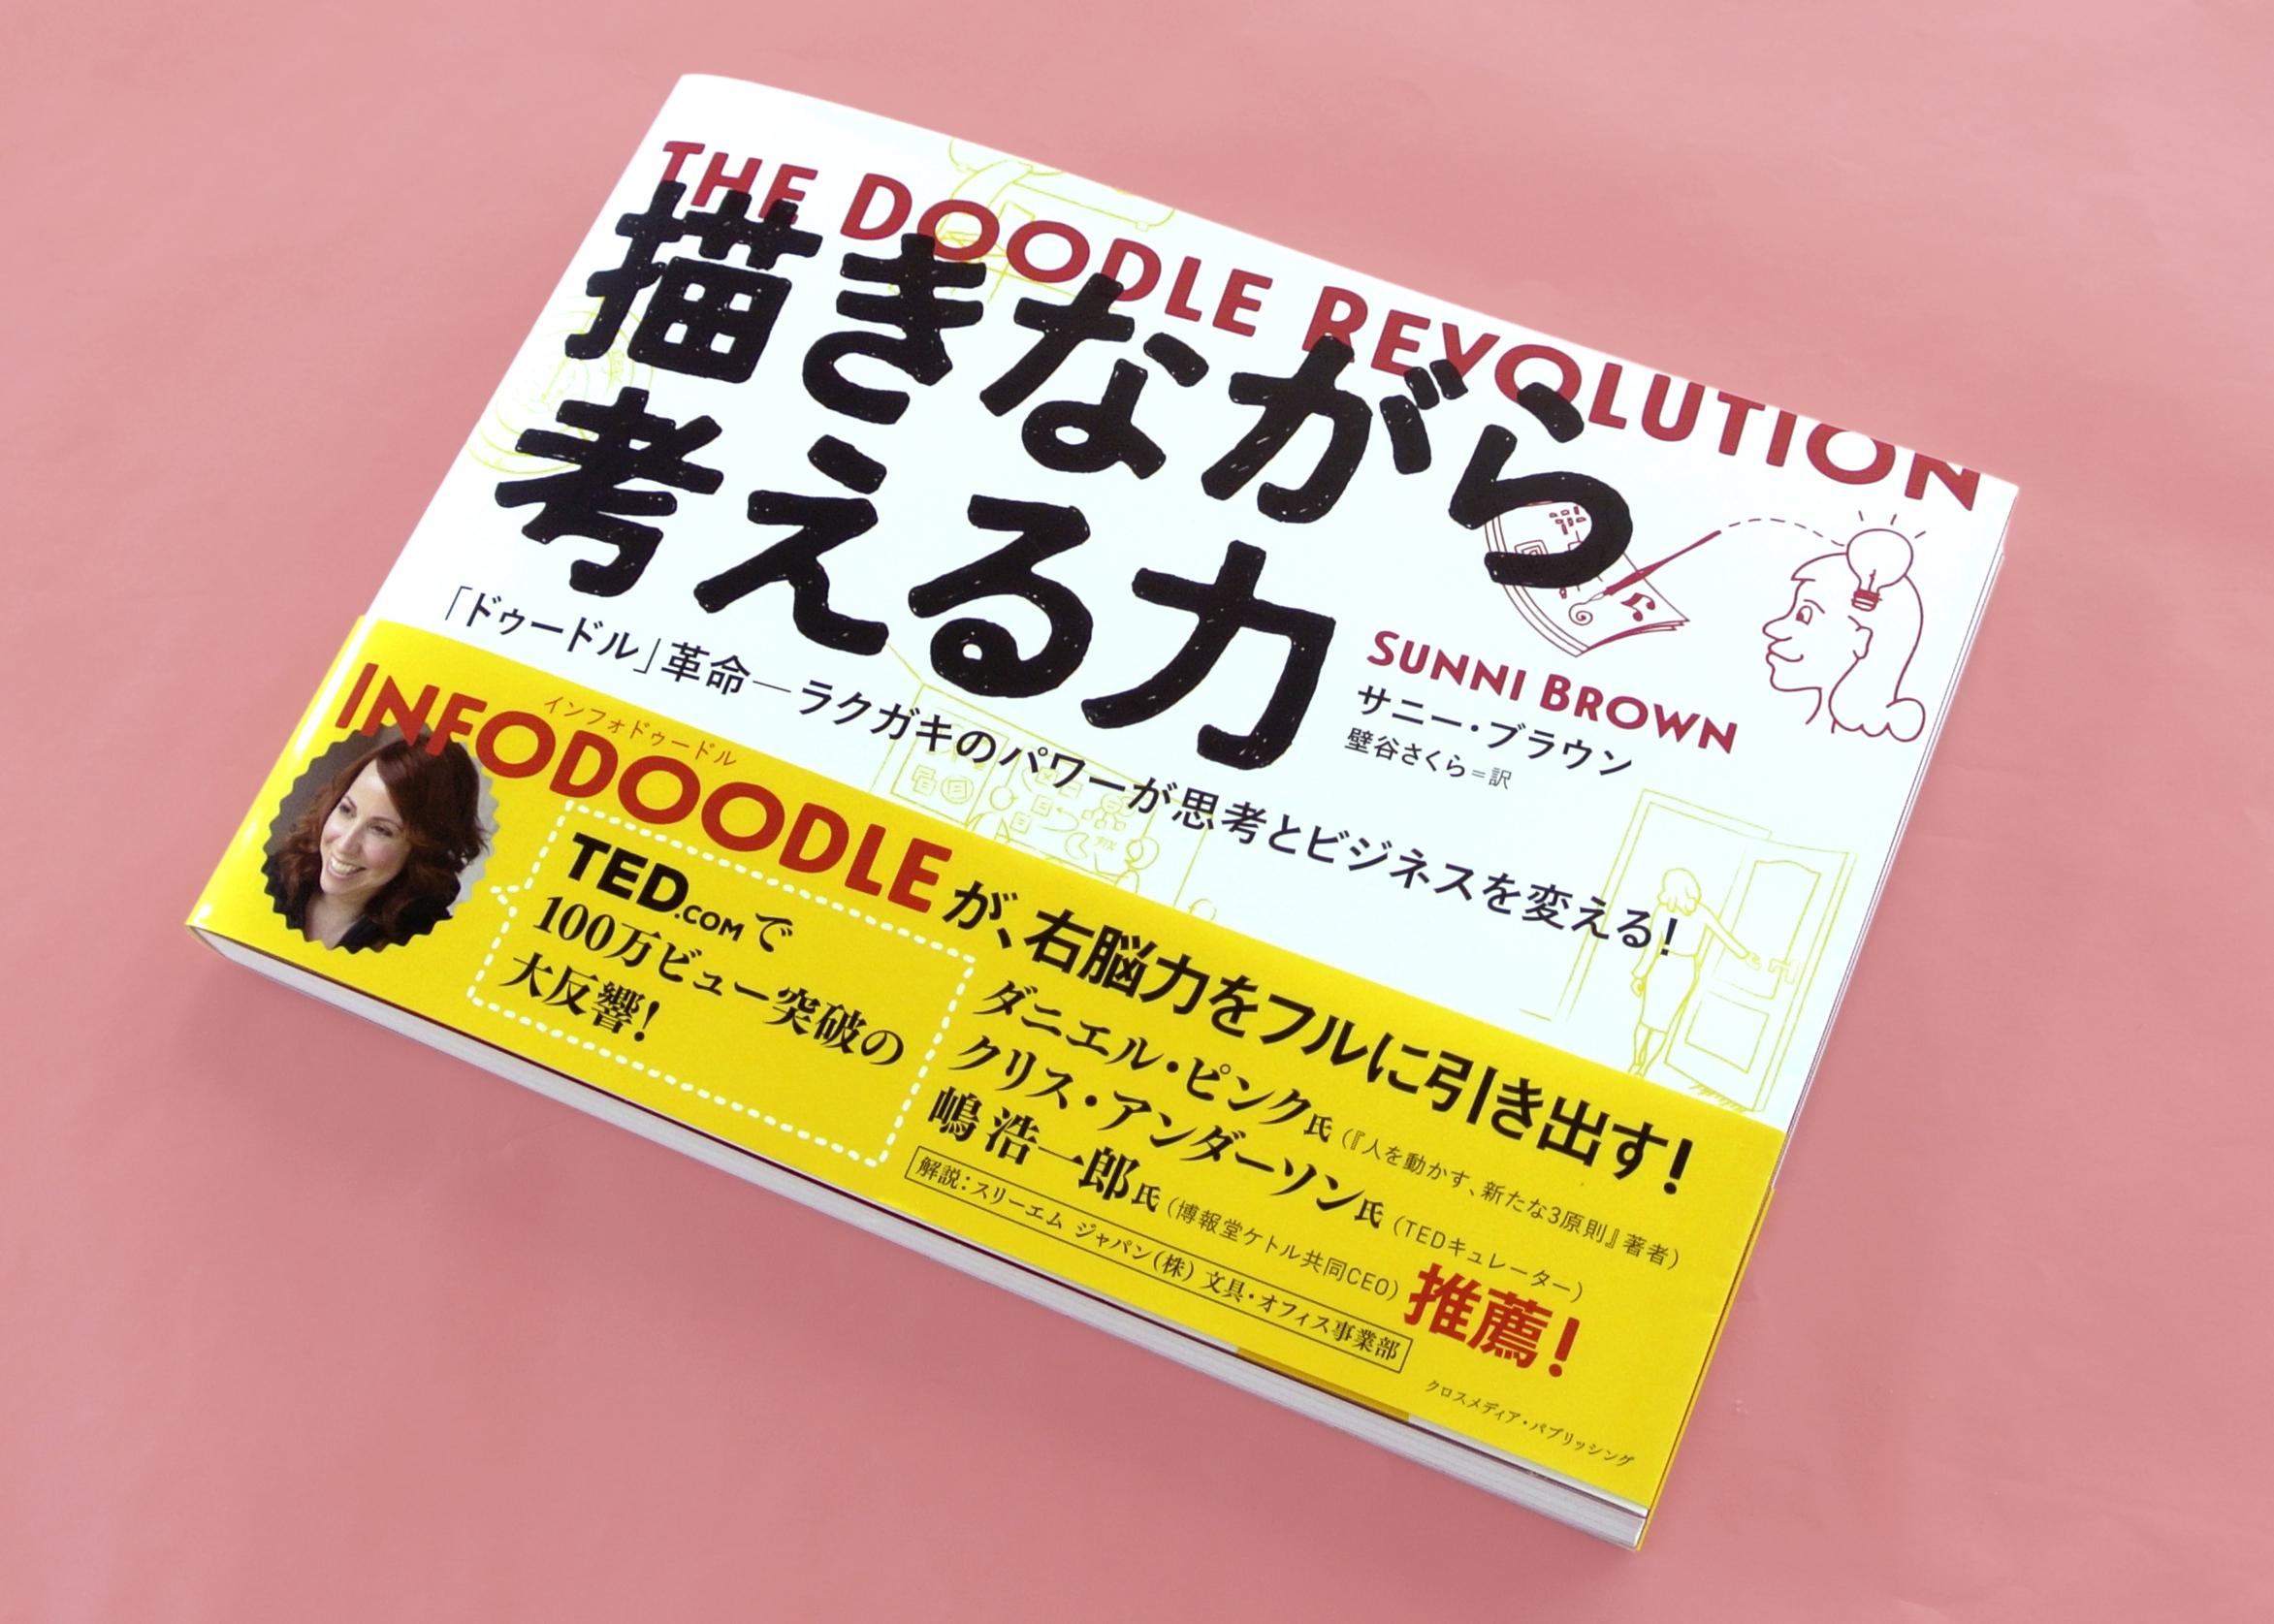 描きながら考える力 The Doodle Revolution